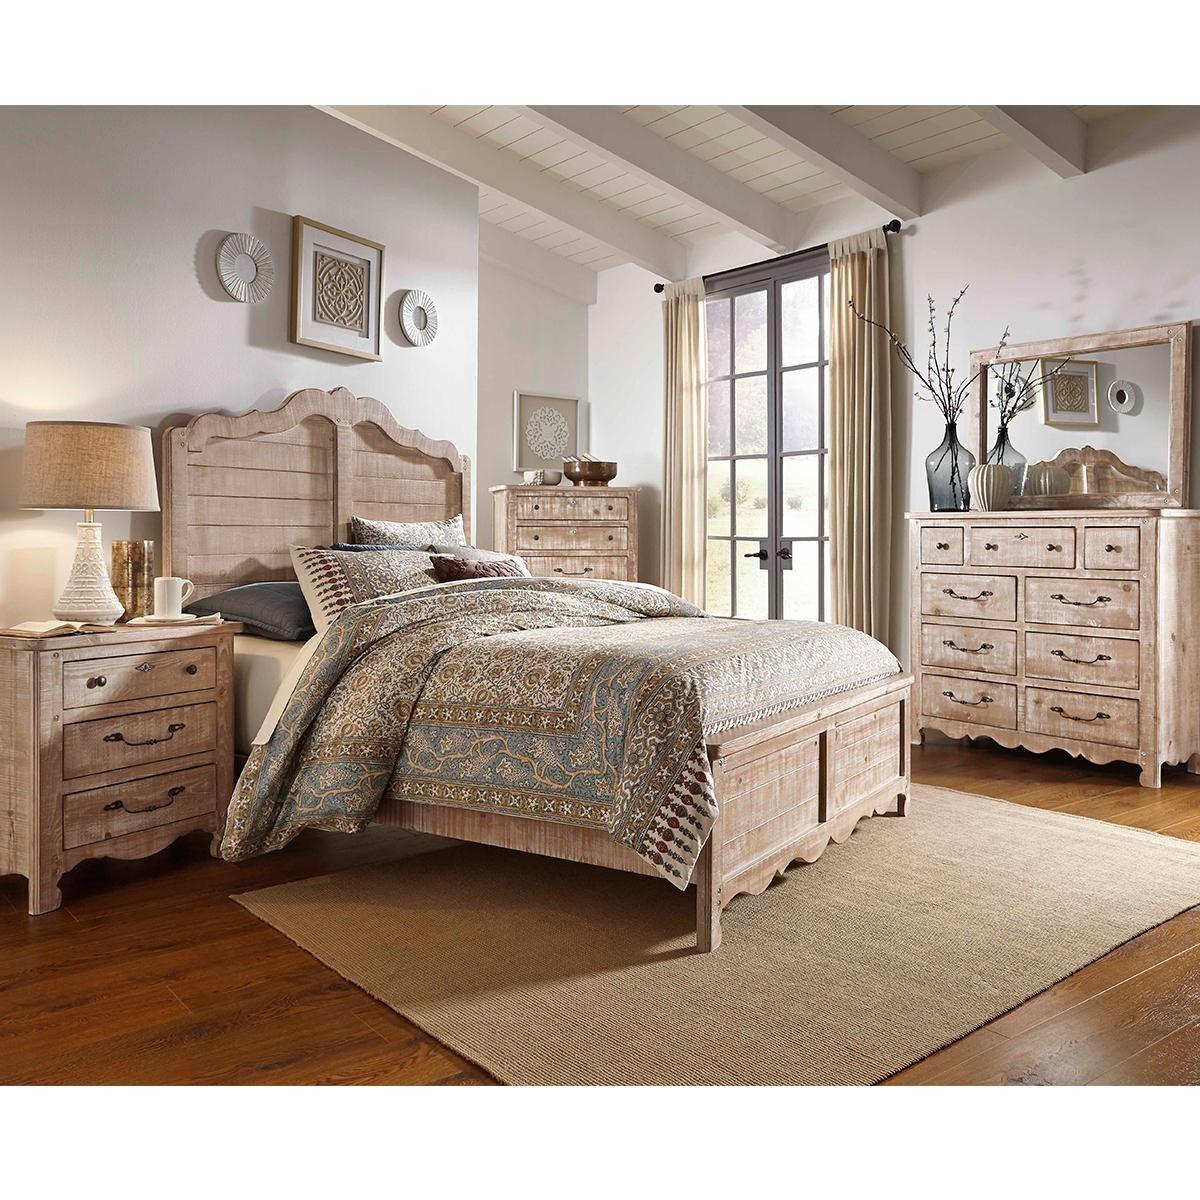 Nebraska Furniture Mart Bedroom Set Inspirational Tiddal Home Chatsworth King Panel Bed In Chalk Distressed